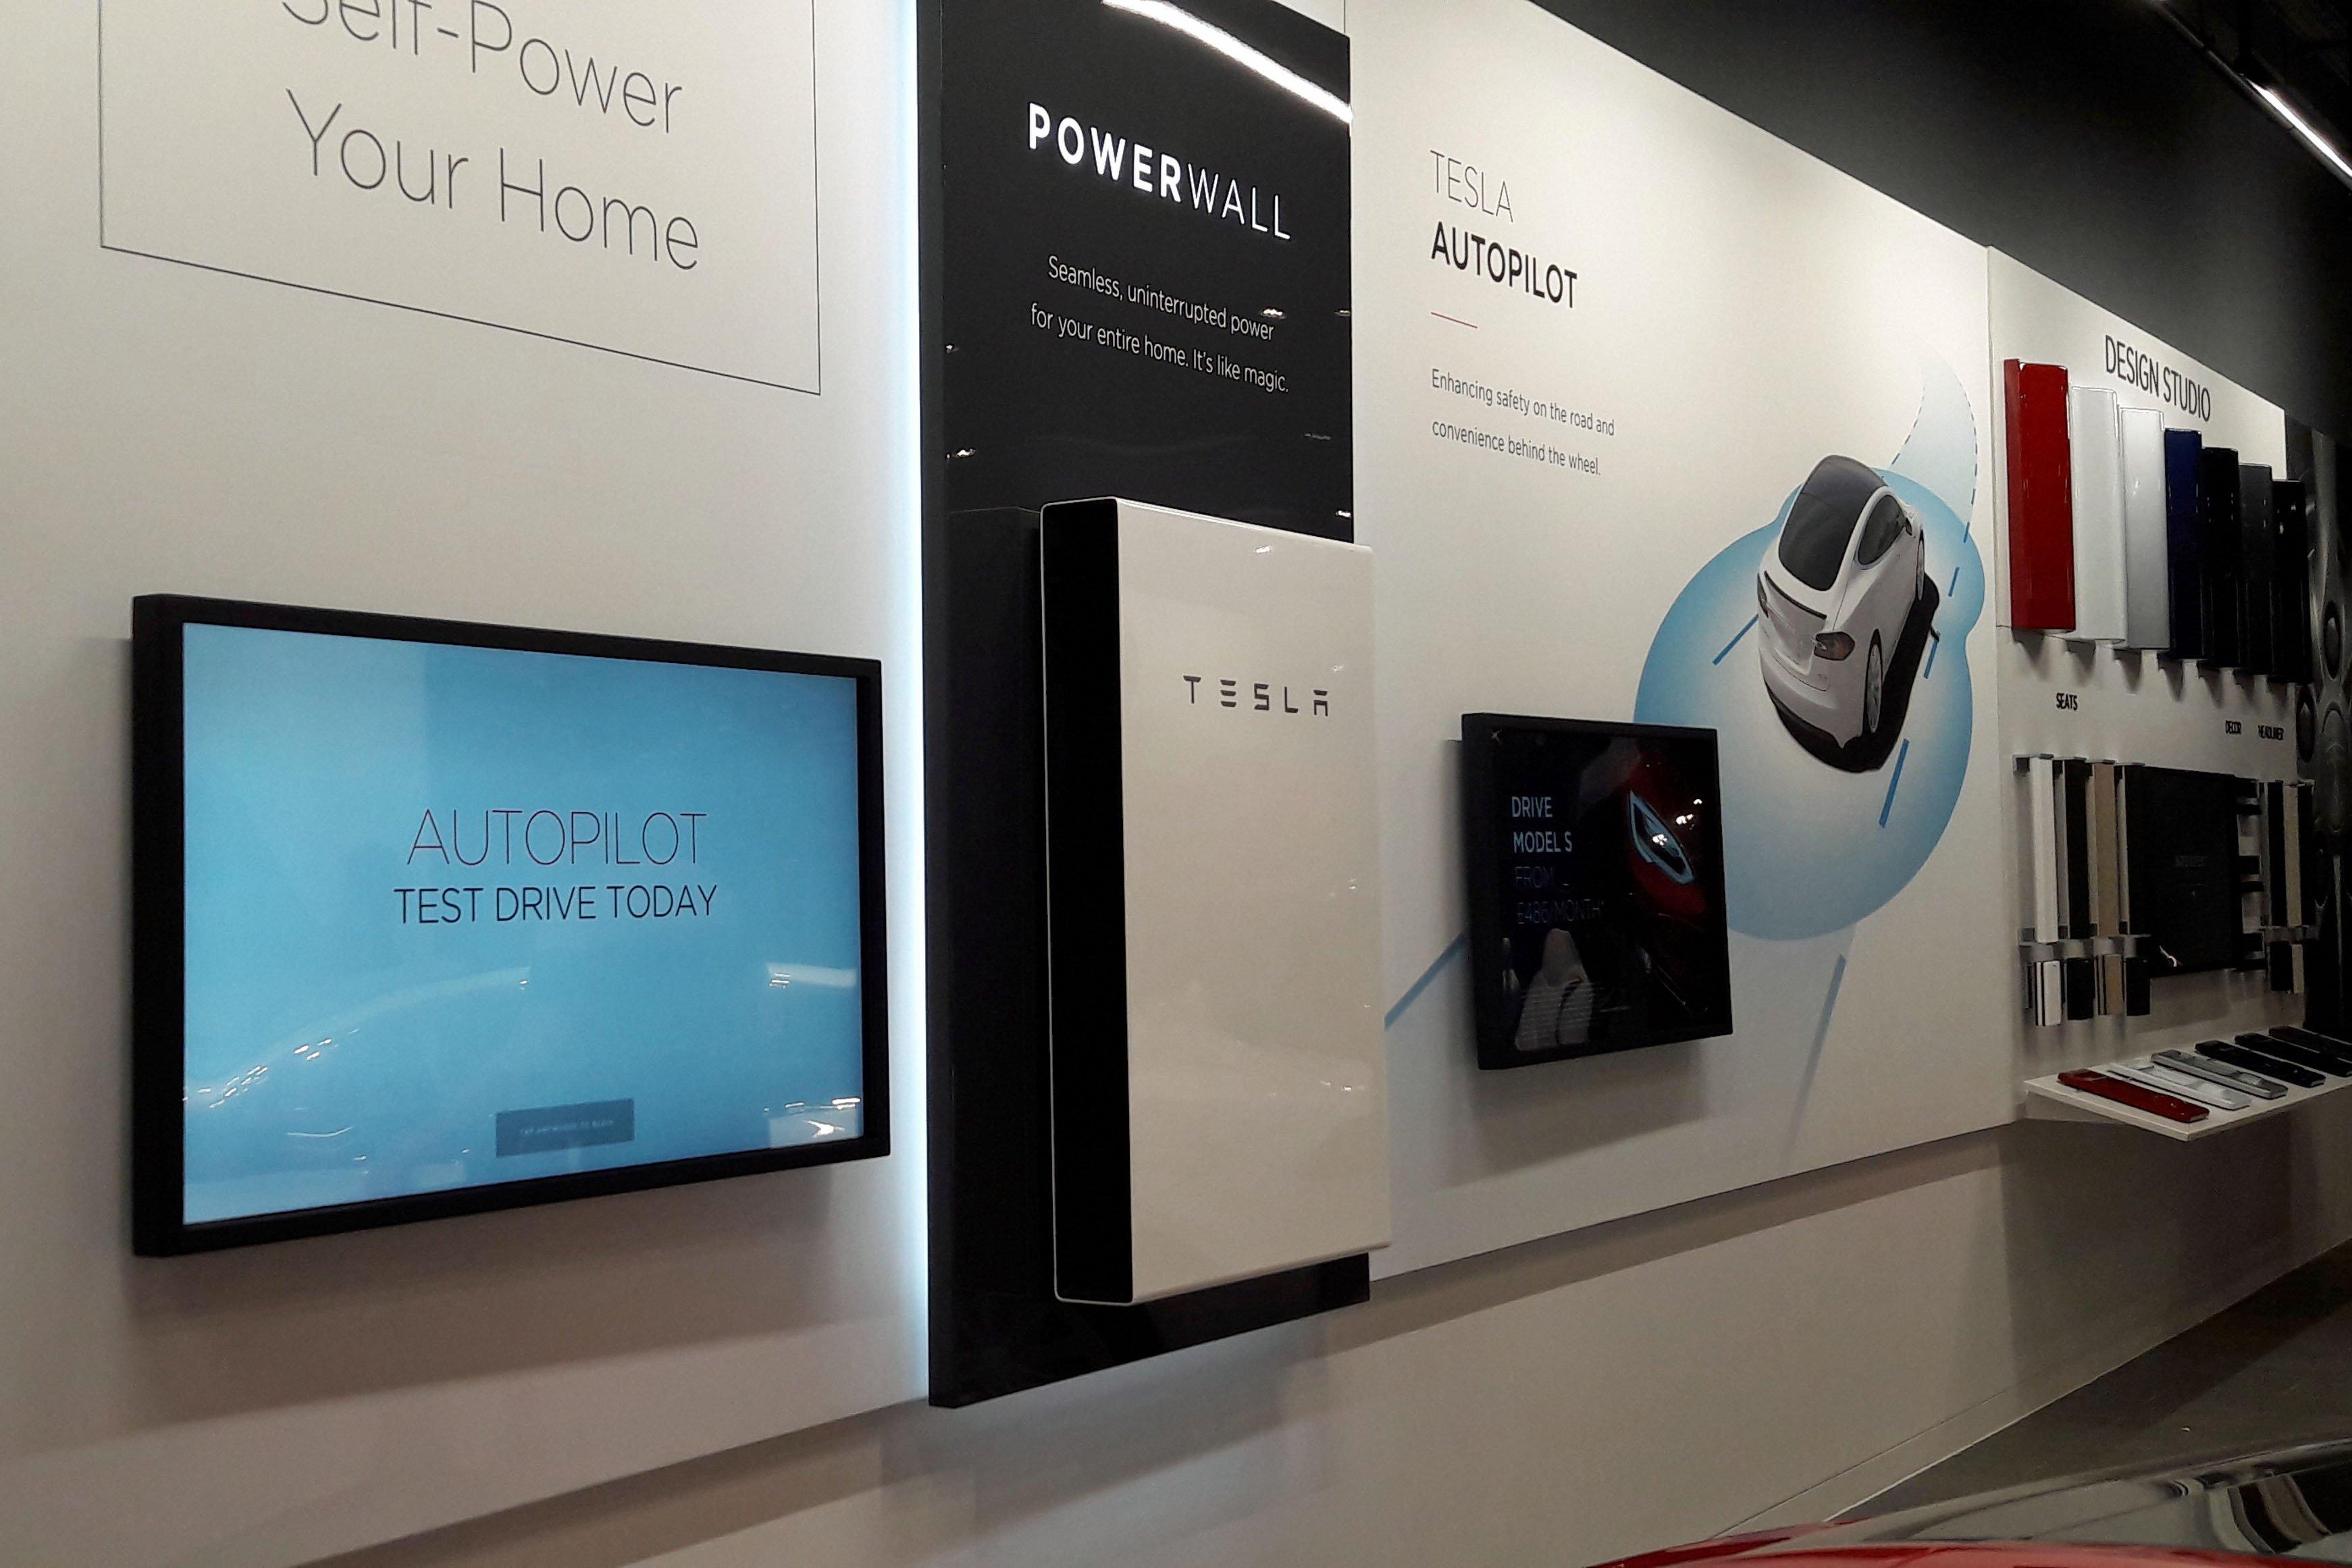 20170718-135254_Tesla-Powerwall_Showroom_TLarkum_c